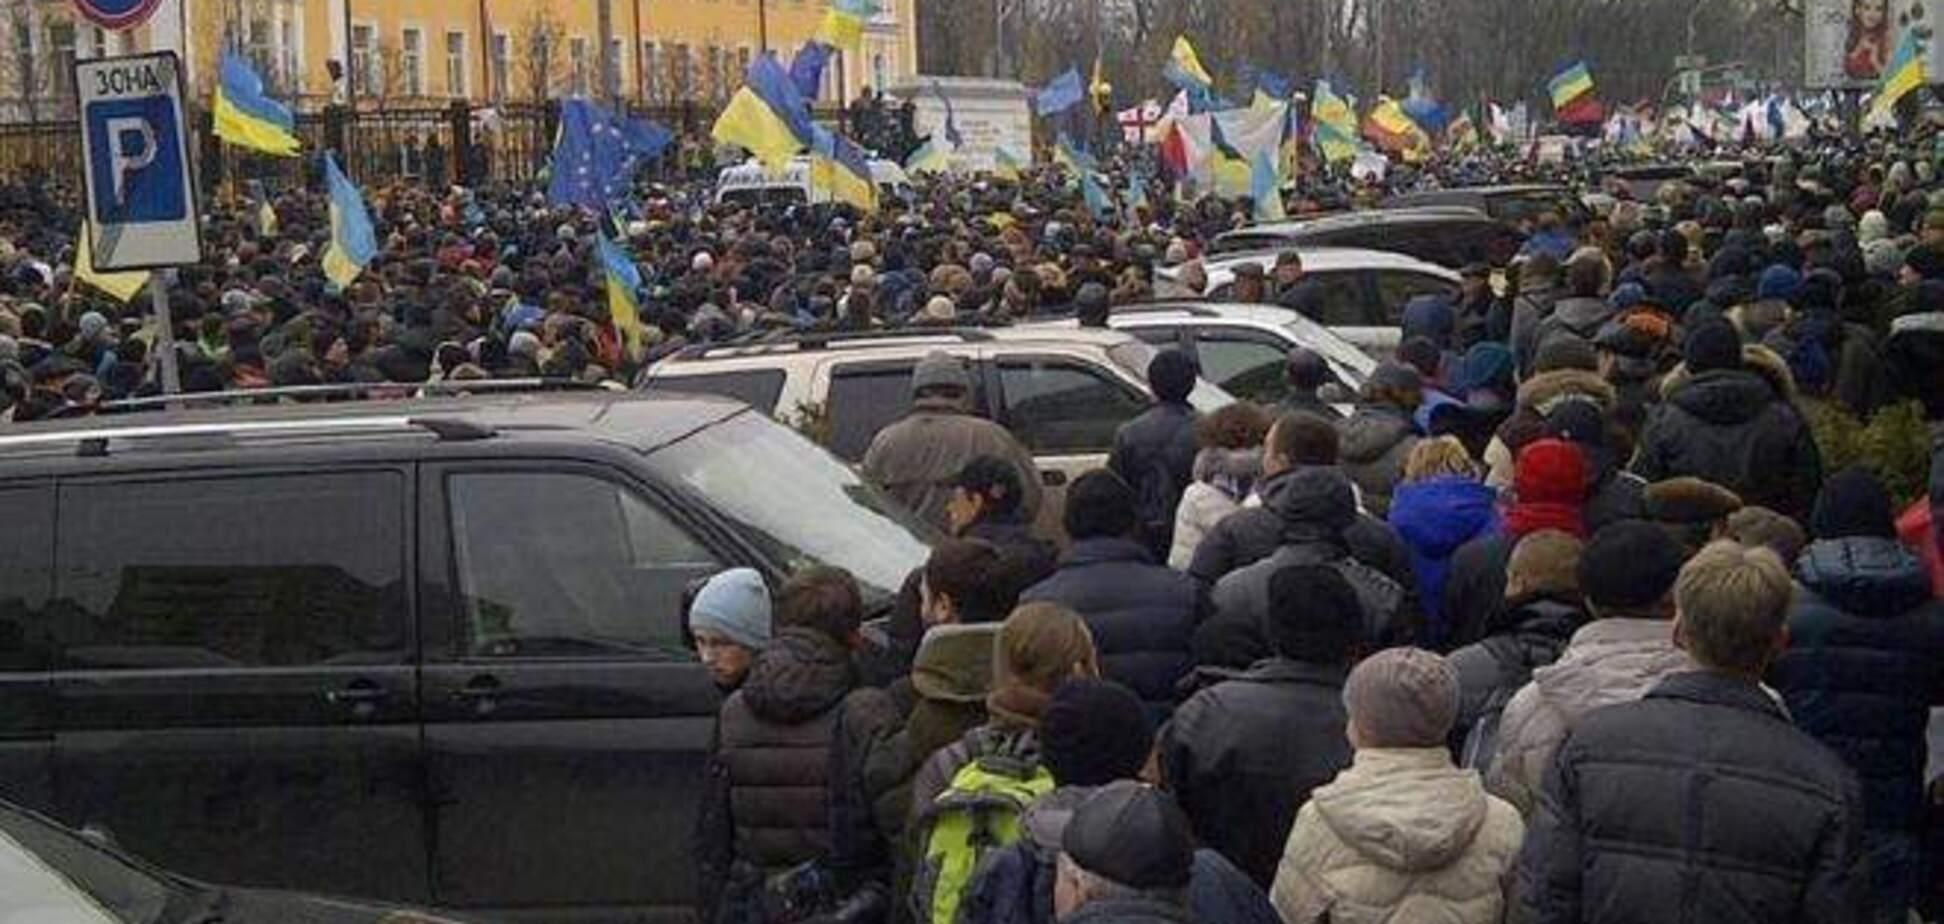 На Майдан направляются люди с битами и 'коктейлями Молотова' - СМИ